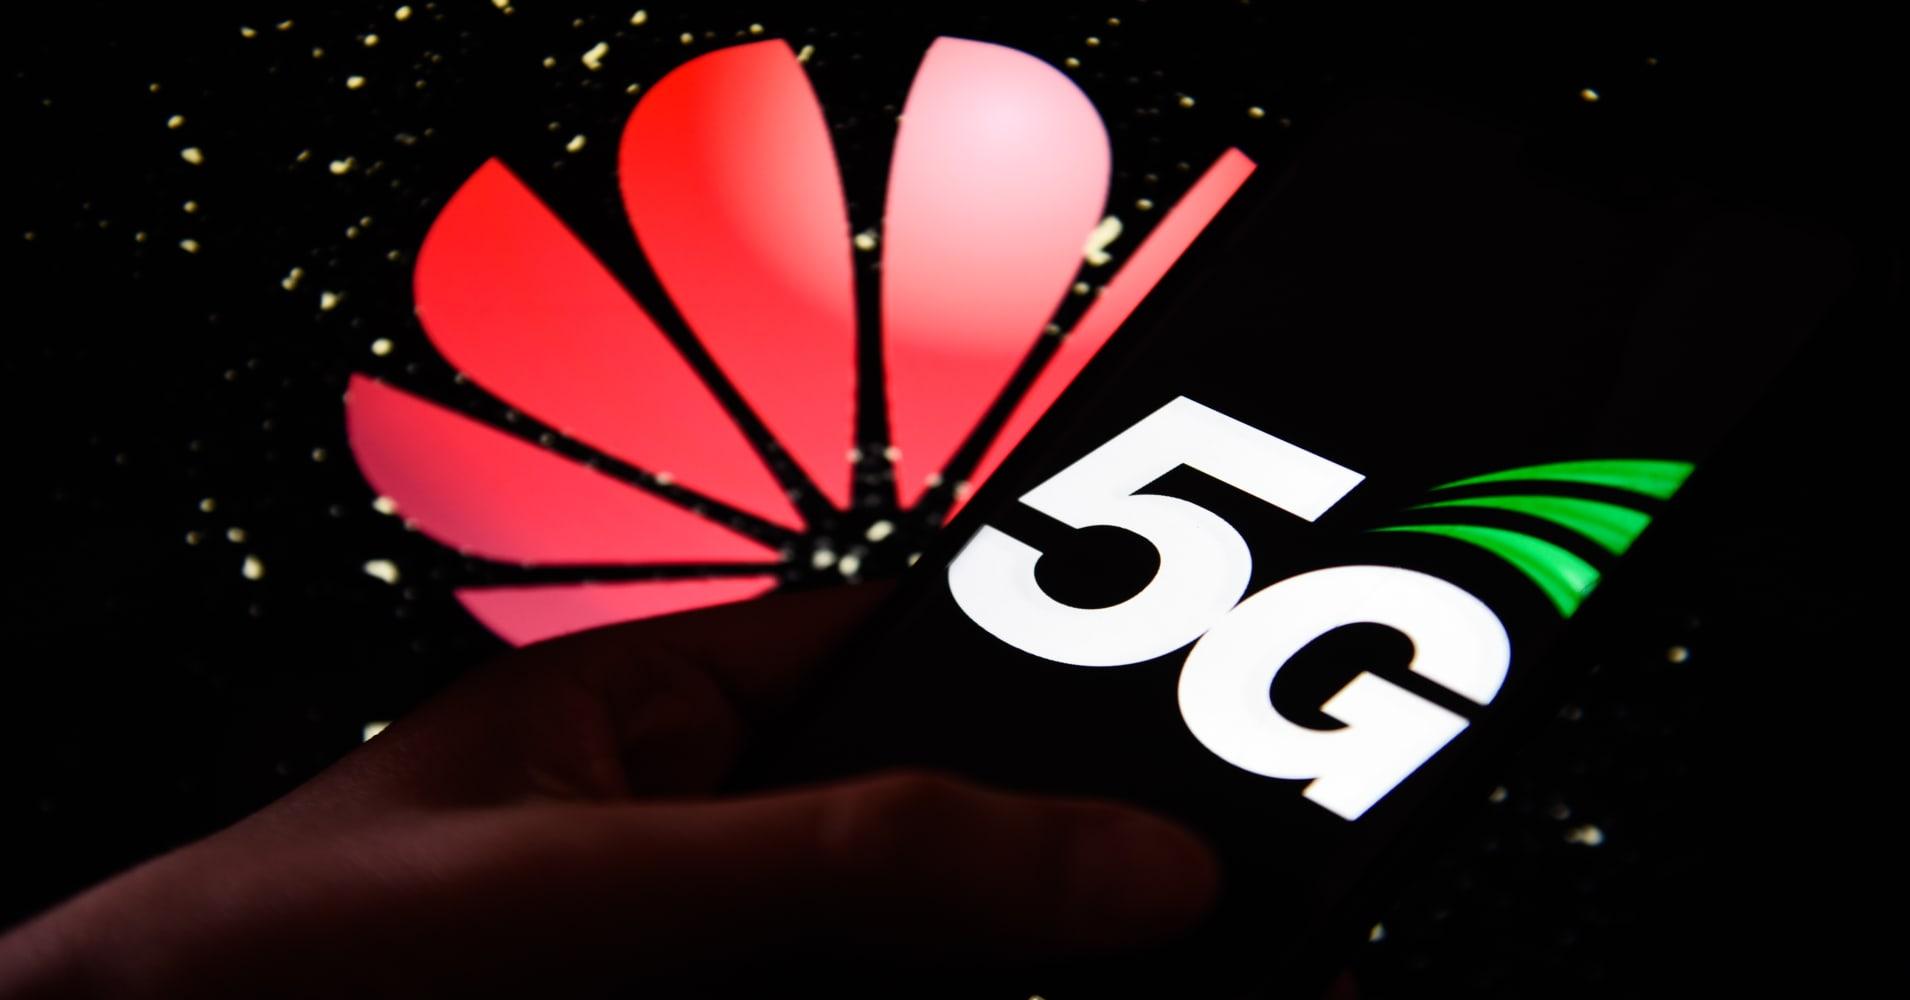 德国主要政党达成一致,国内网络不禁用华为5G